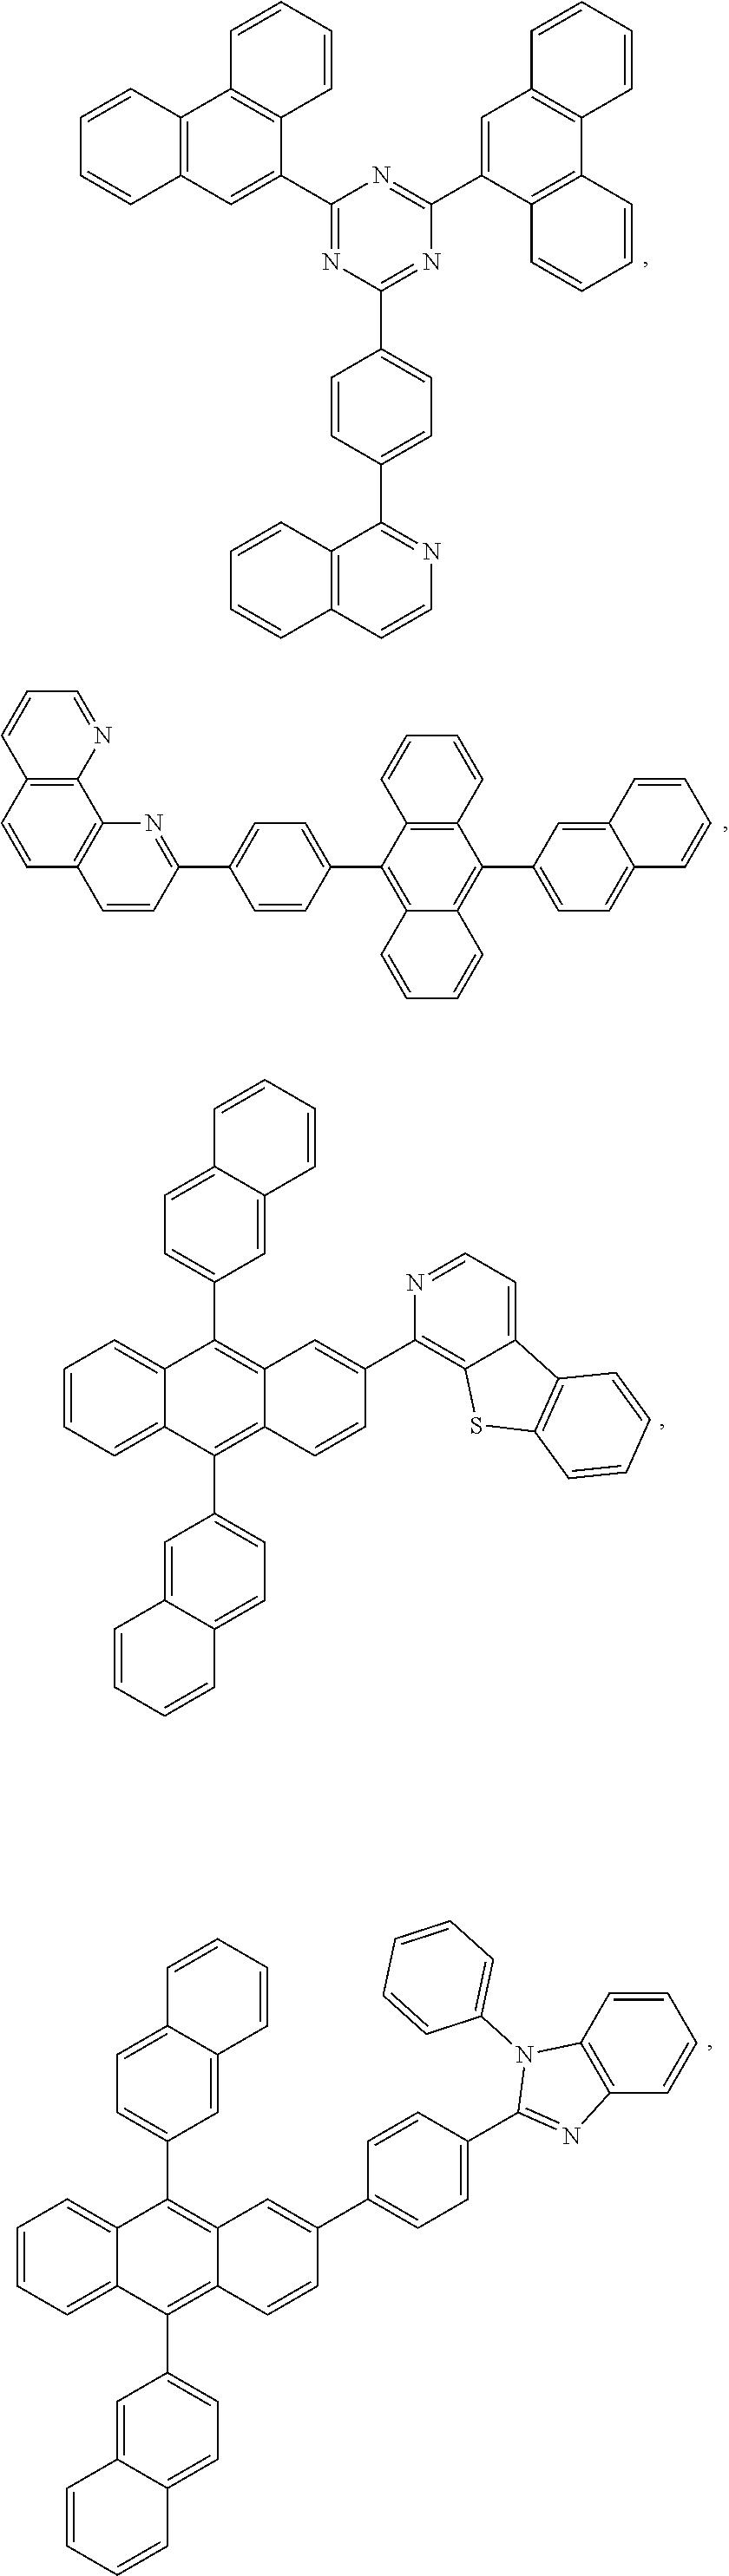 Figure US20190161504A1-20190530-C00090